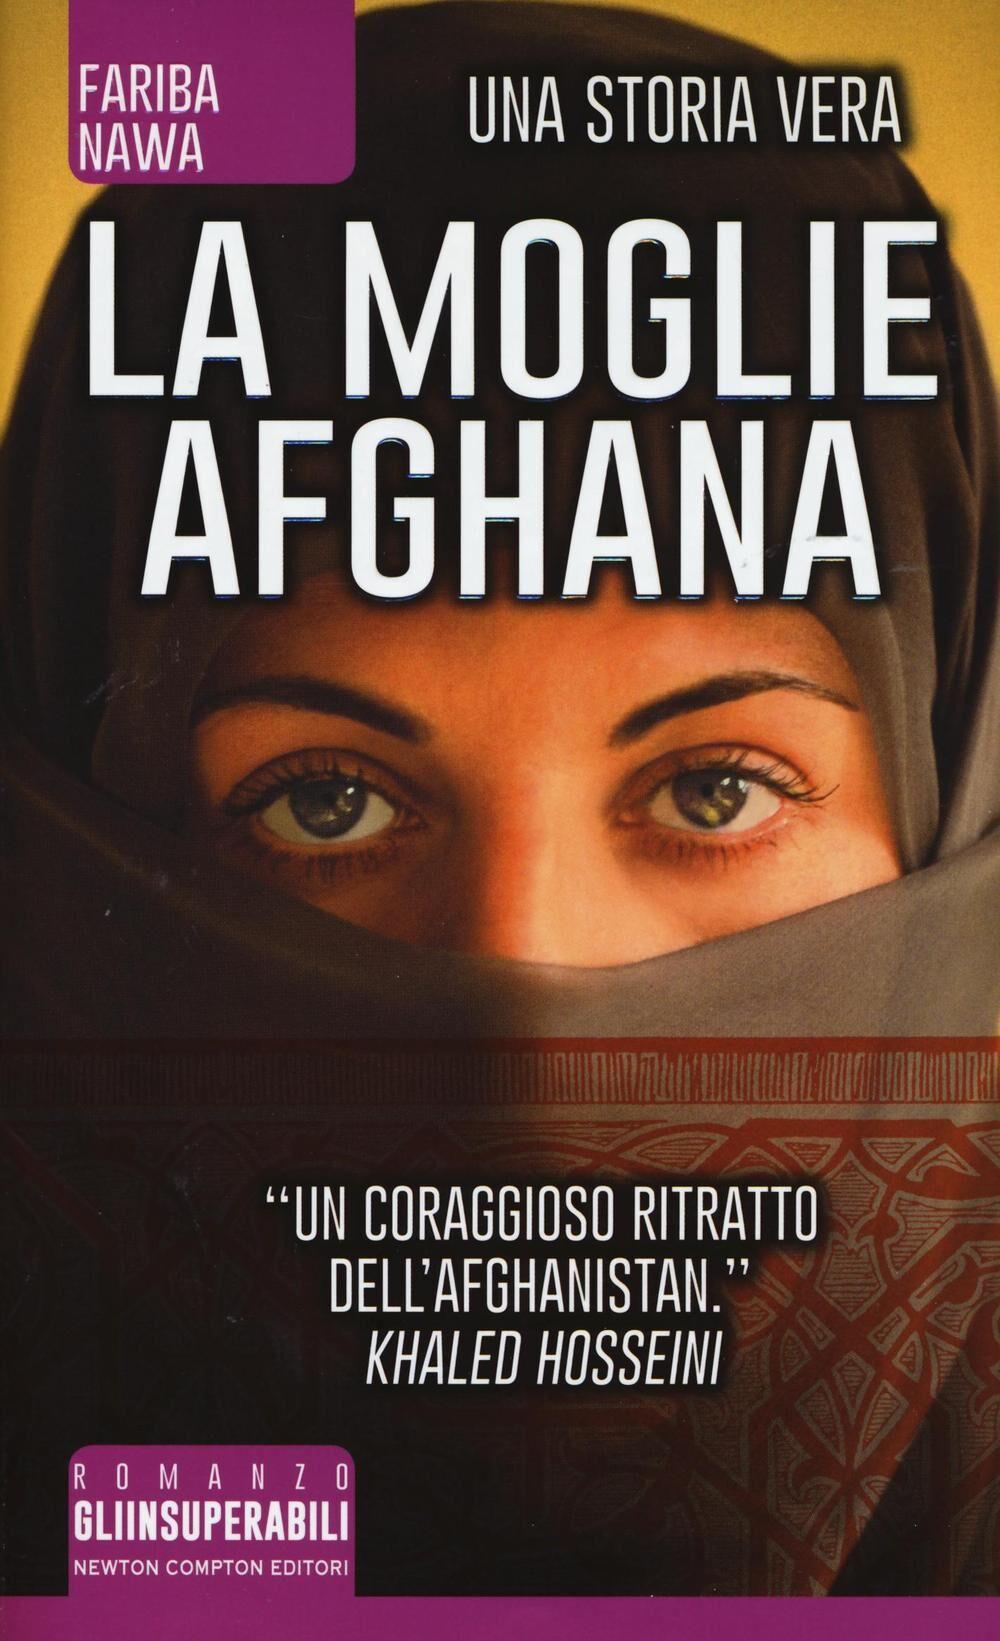 La moglie afghana. Non tutte le donne sono nate libere